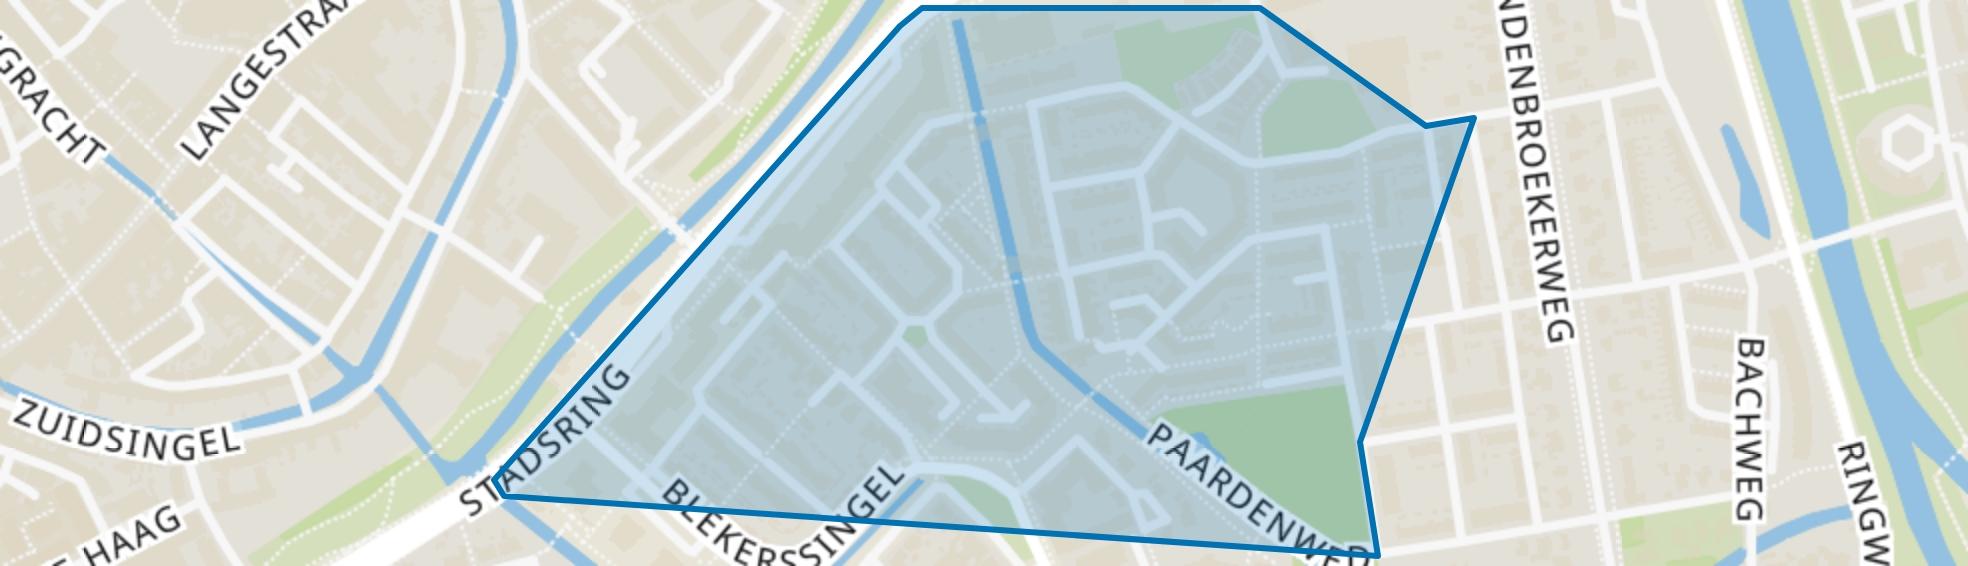 Willem III, Amersfoort map